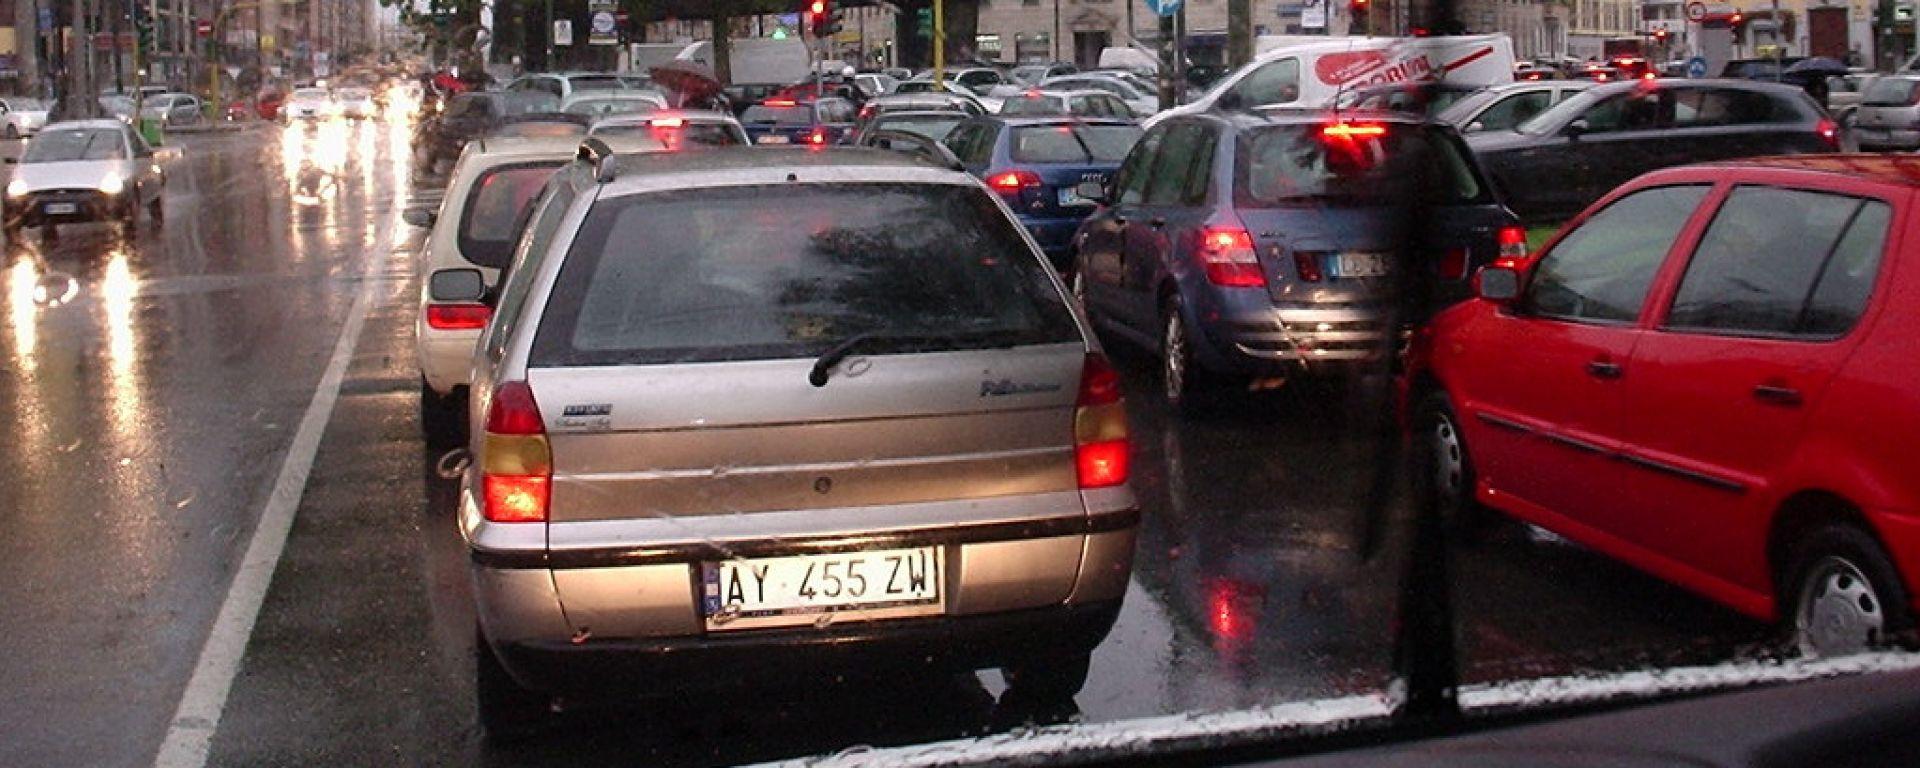 Milano traffico congestionato